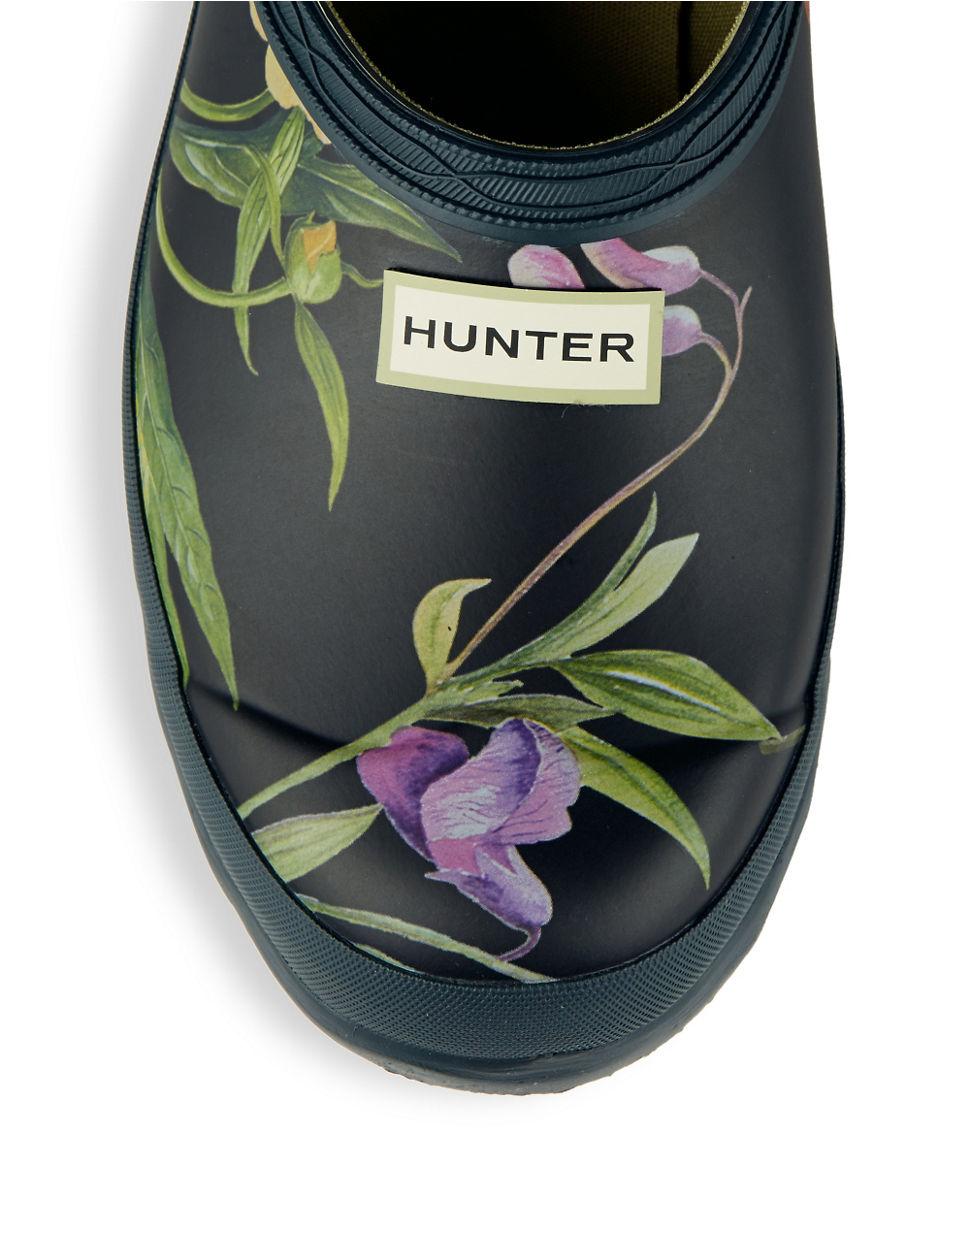 Hunter Garden Clogs